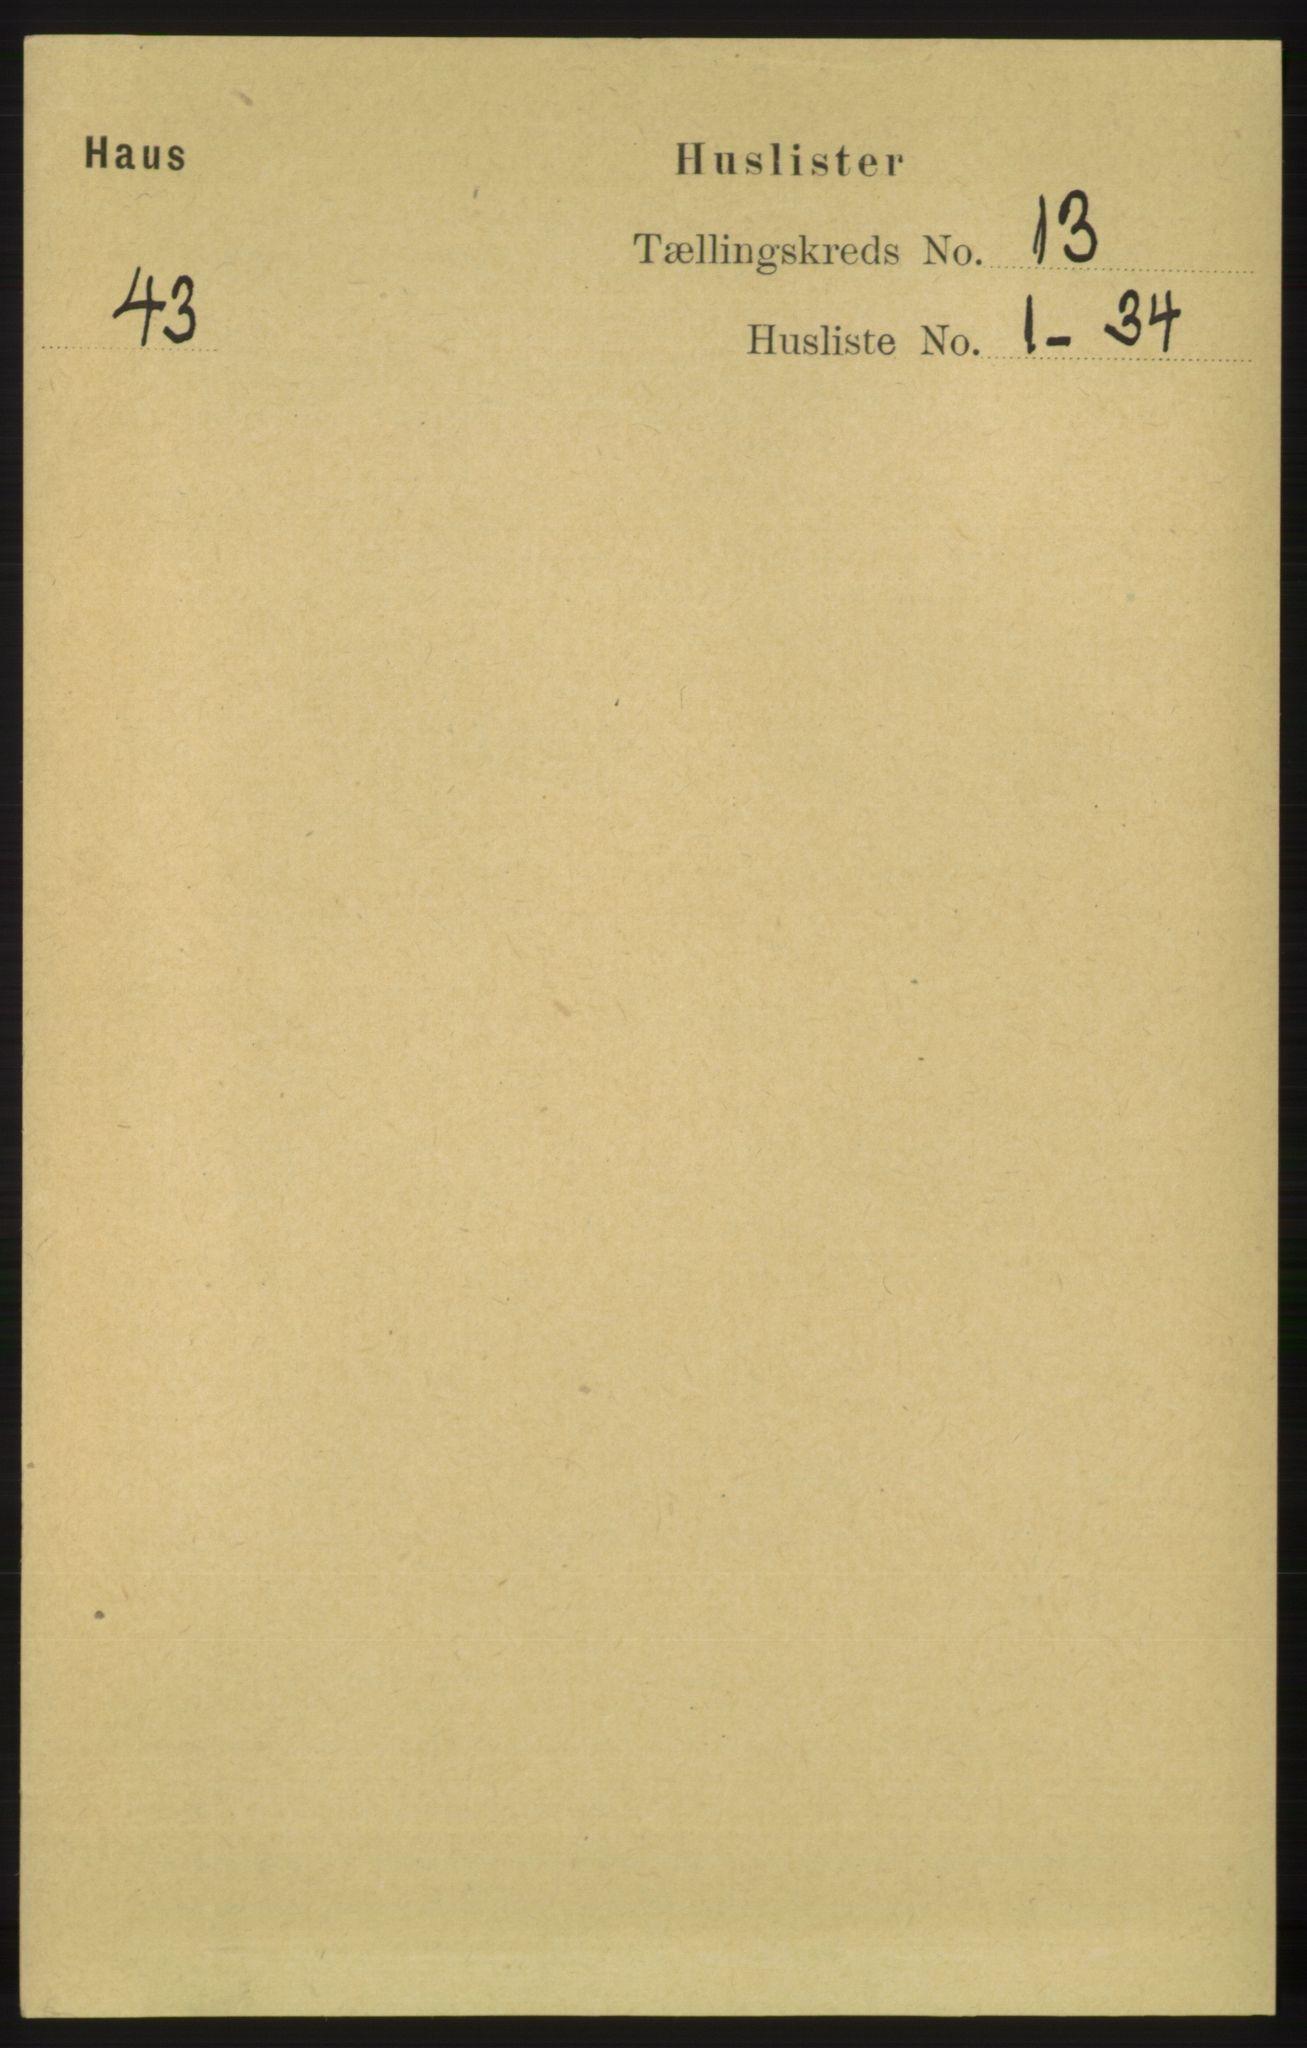 RA, Folketelling 1891 for 1250 Haus herred, 1891, s. 5520